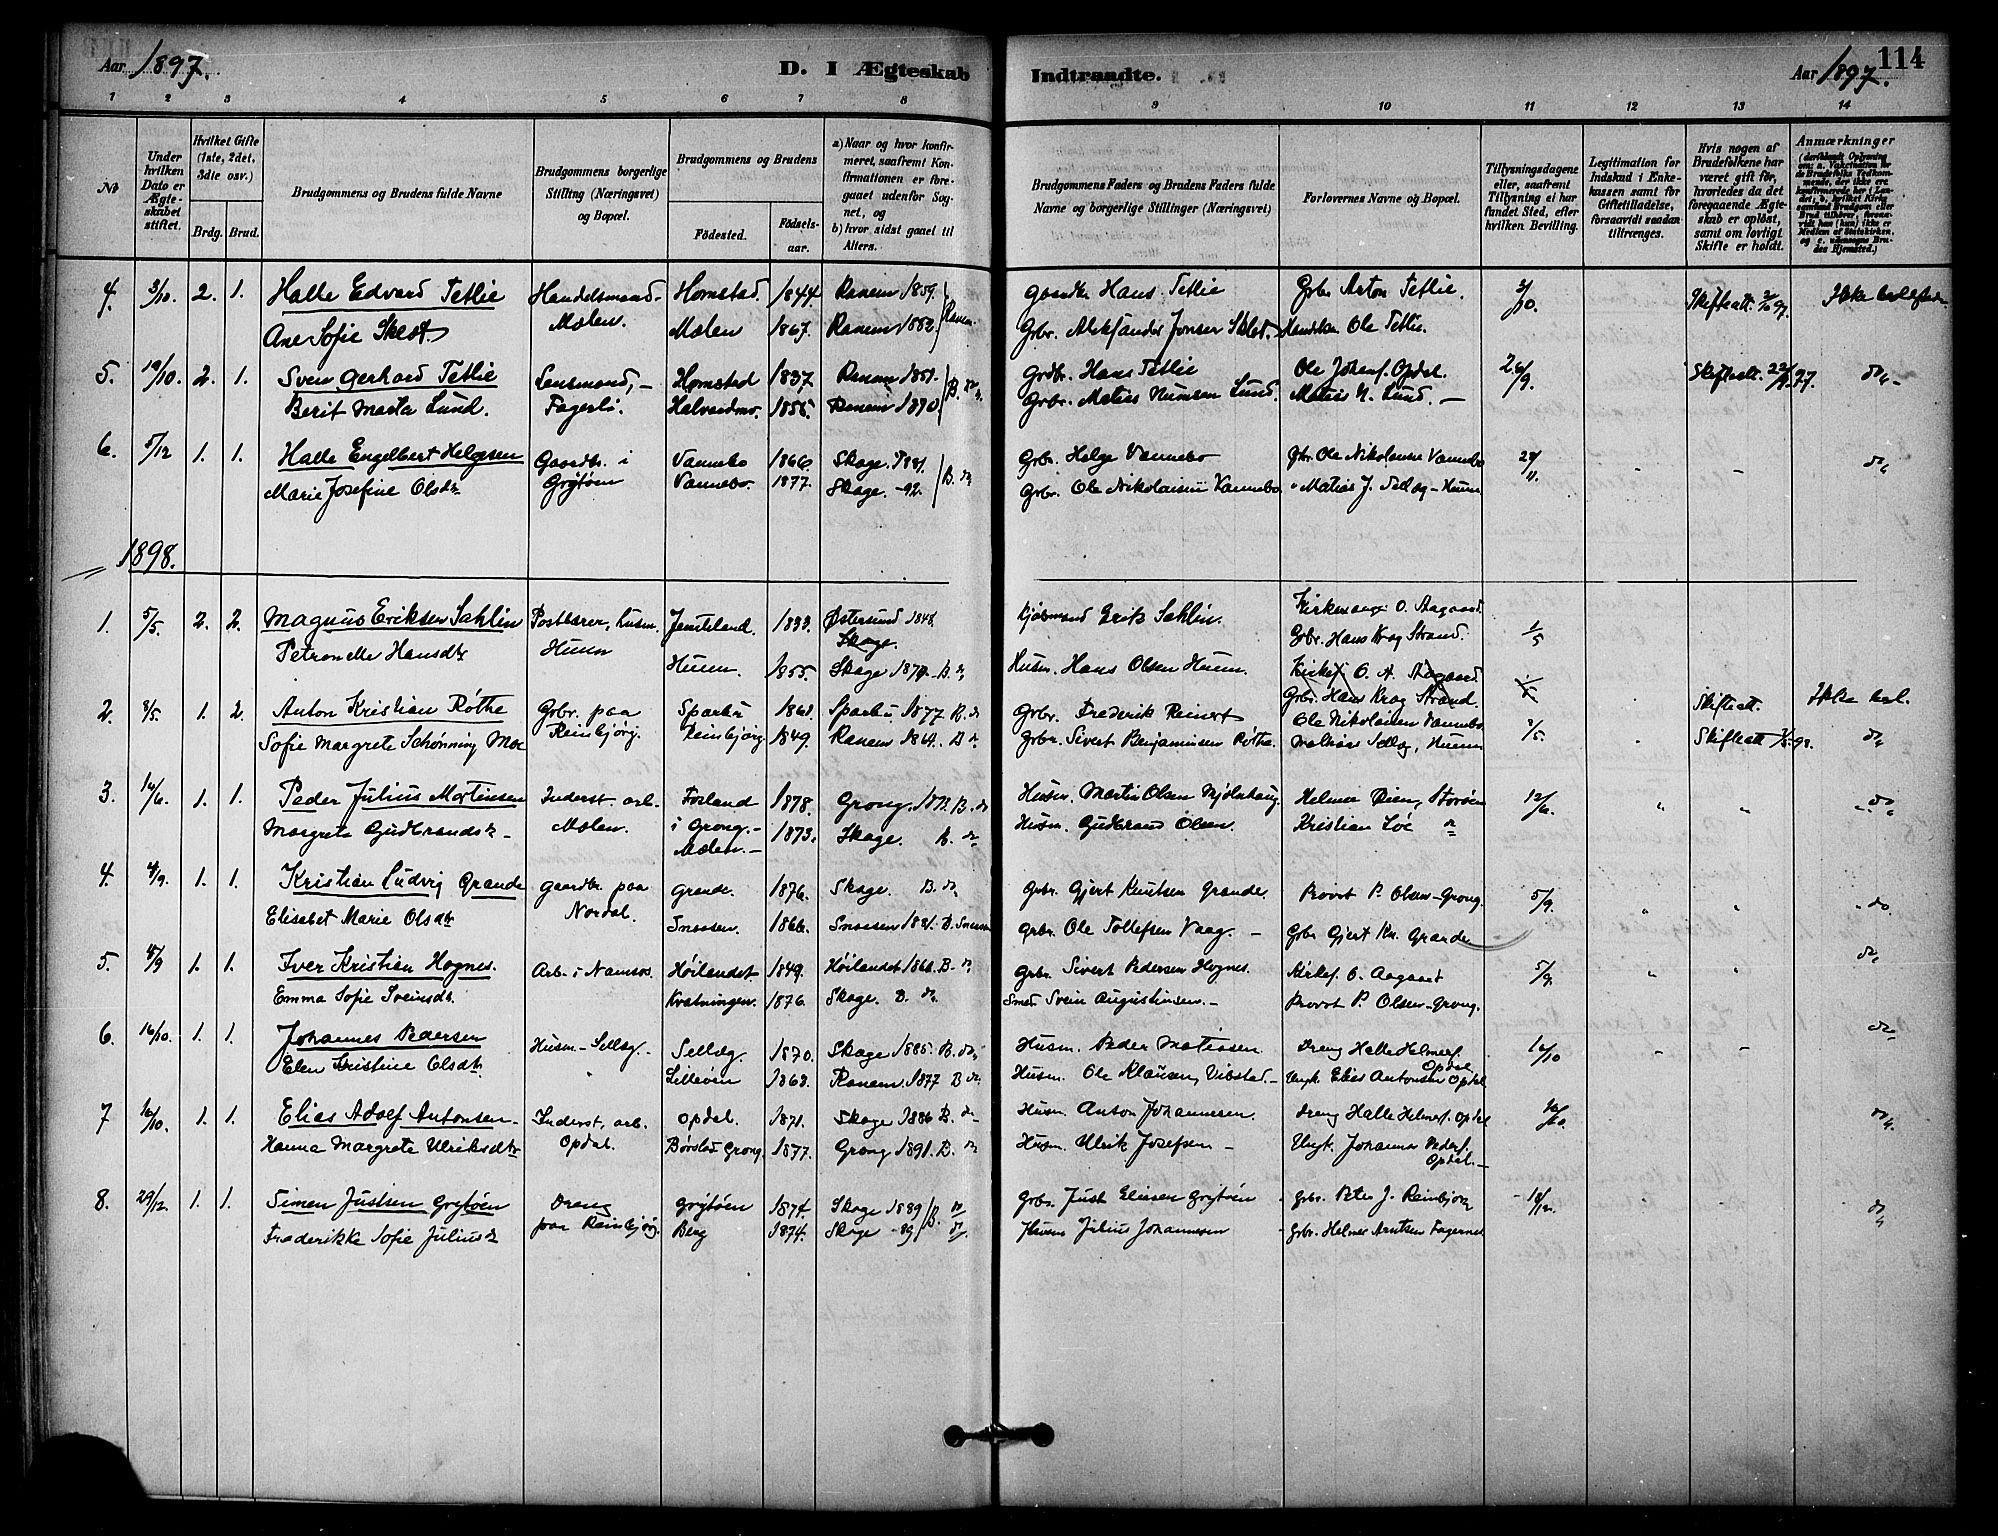 SAT, Ministerialprotokoller, klokkerbøker og fødselsregistre - Nord-Trøndelag, 766/L0563: Ministerialbok nr. 767A01, 1881-1899, s. 114